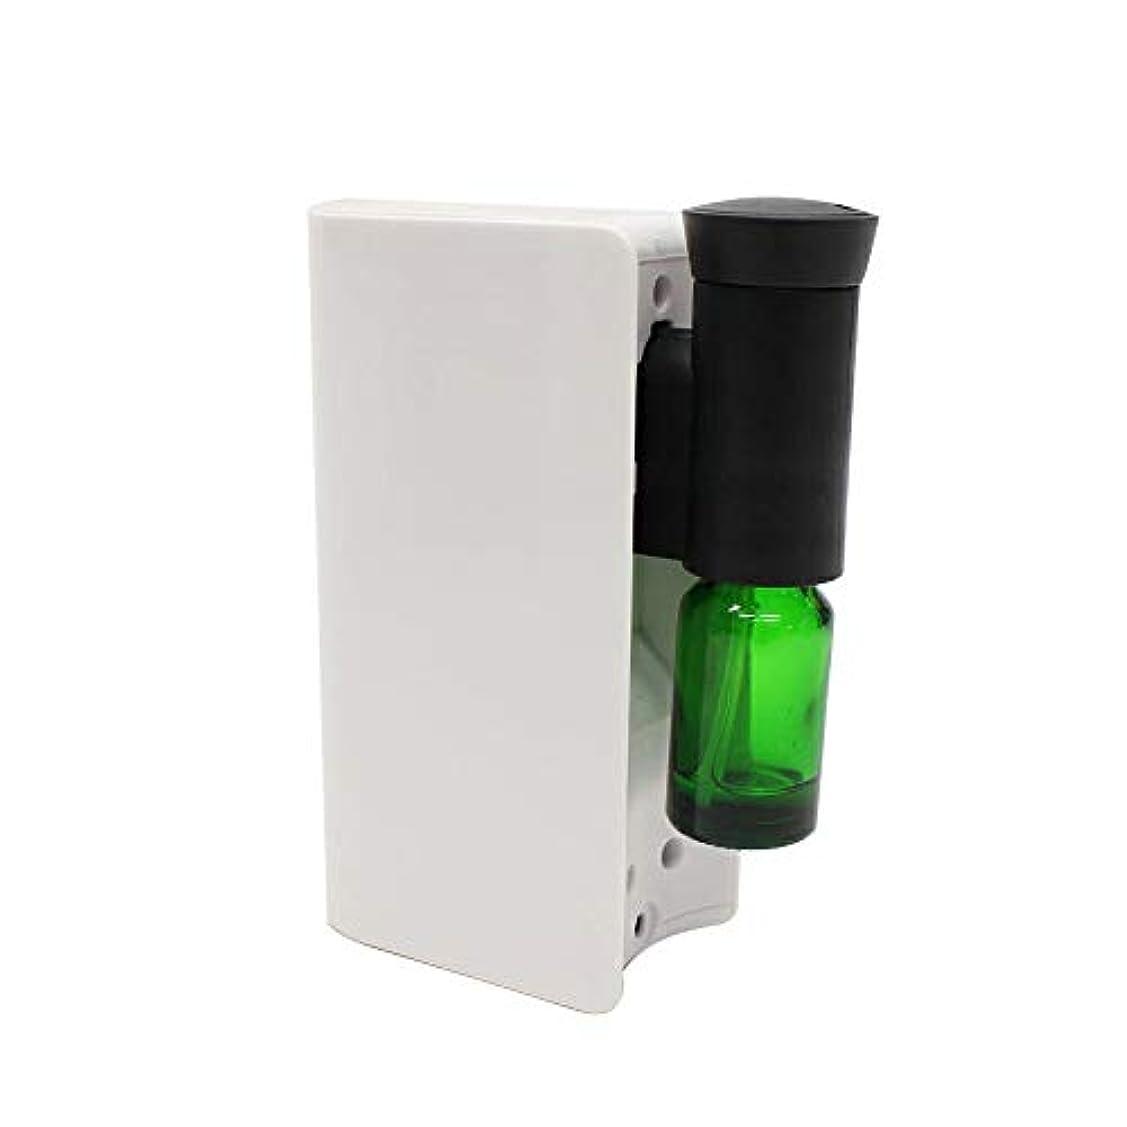 アロマ ディフューザー 電池式アロマディフューザー 水を使わない ネブライザー式 アロマオイル対応 自動停止 ECOモード搭載 香り 癒し シンプル コンパクト ホワイト